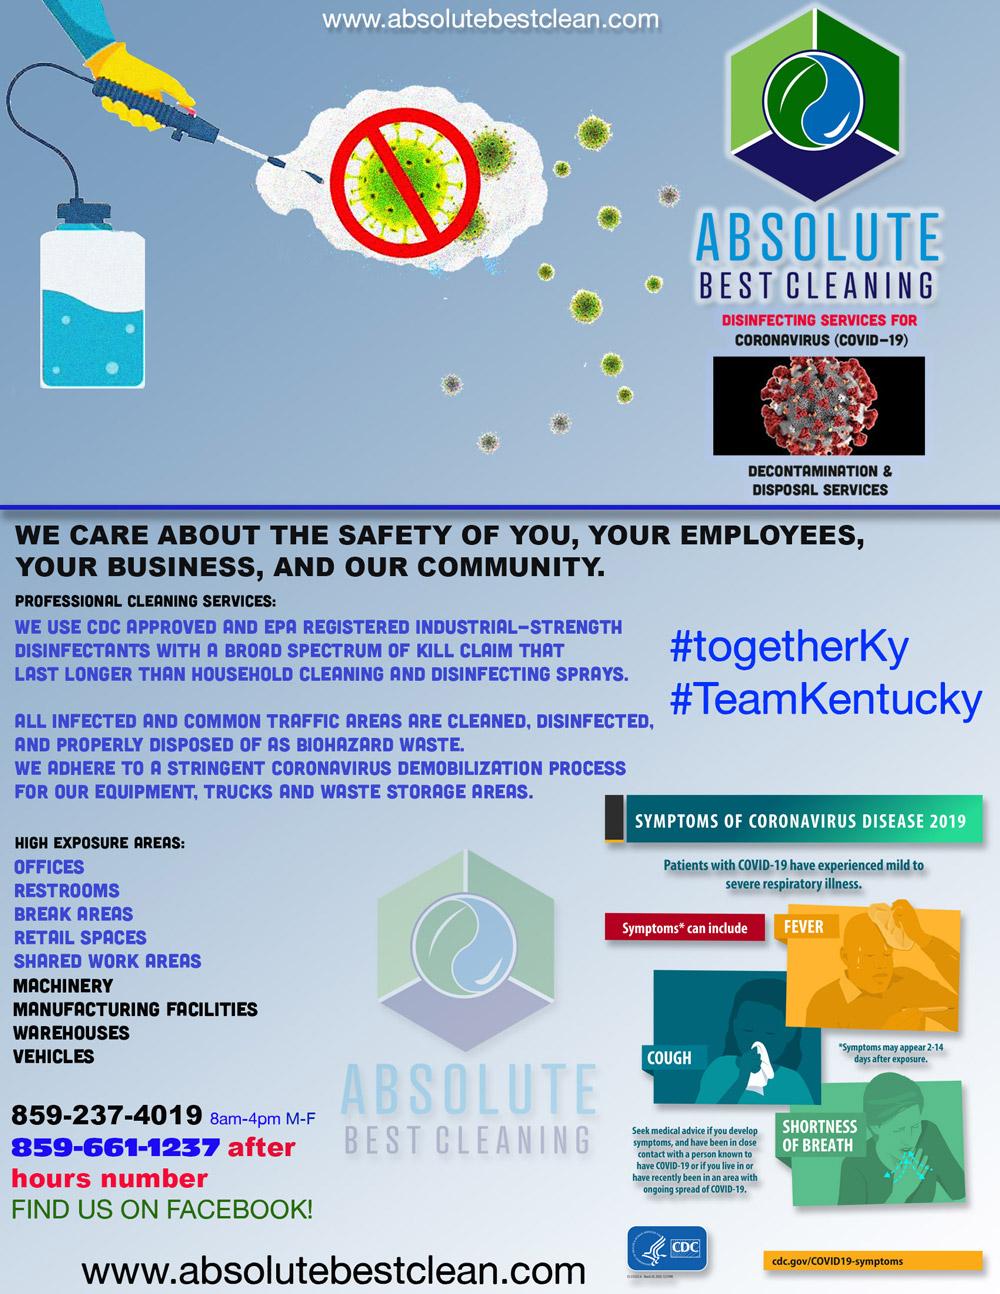 Kentucky Coronavirus Cleaning